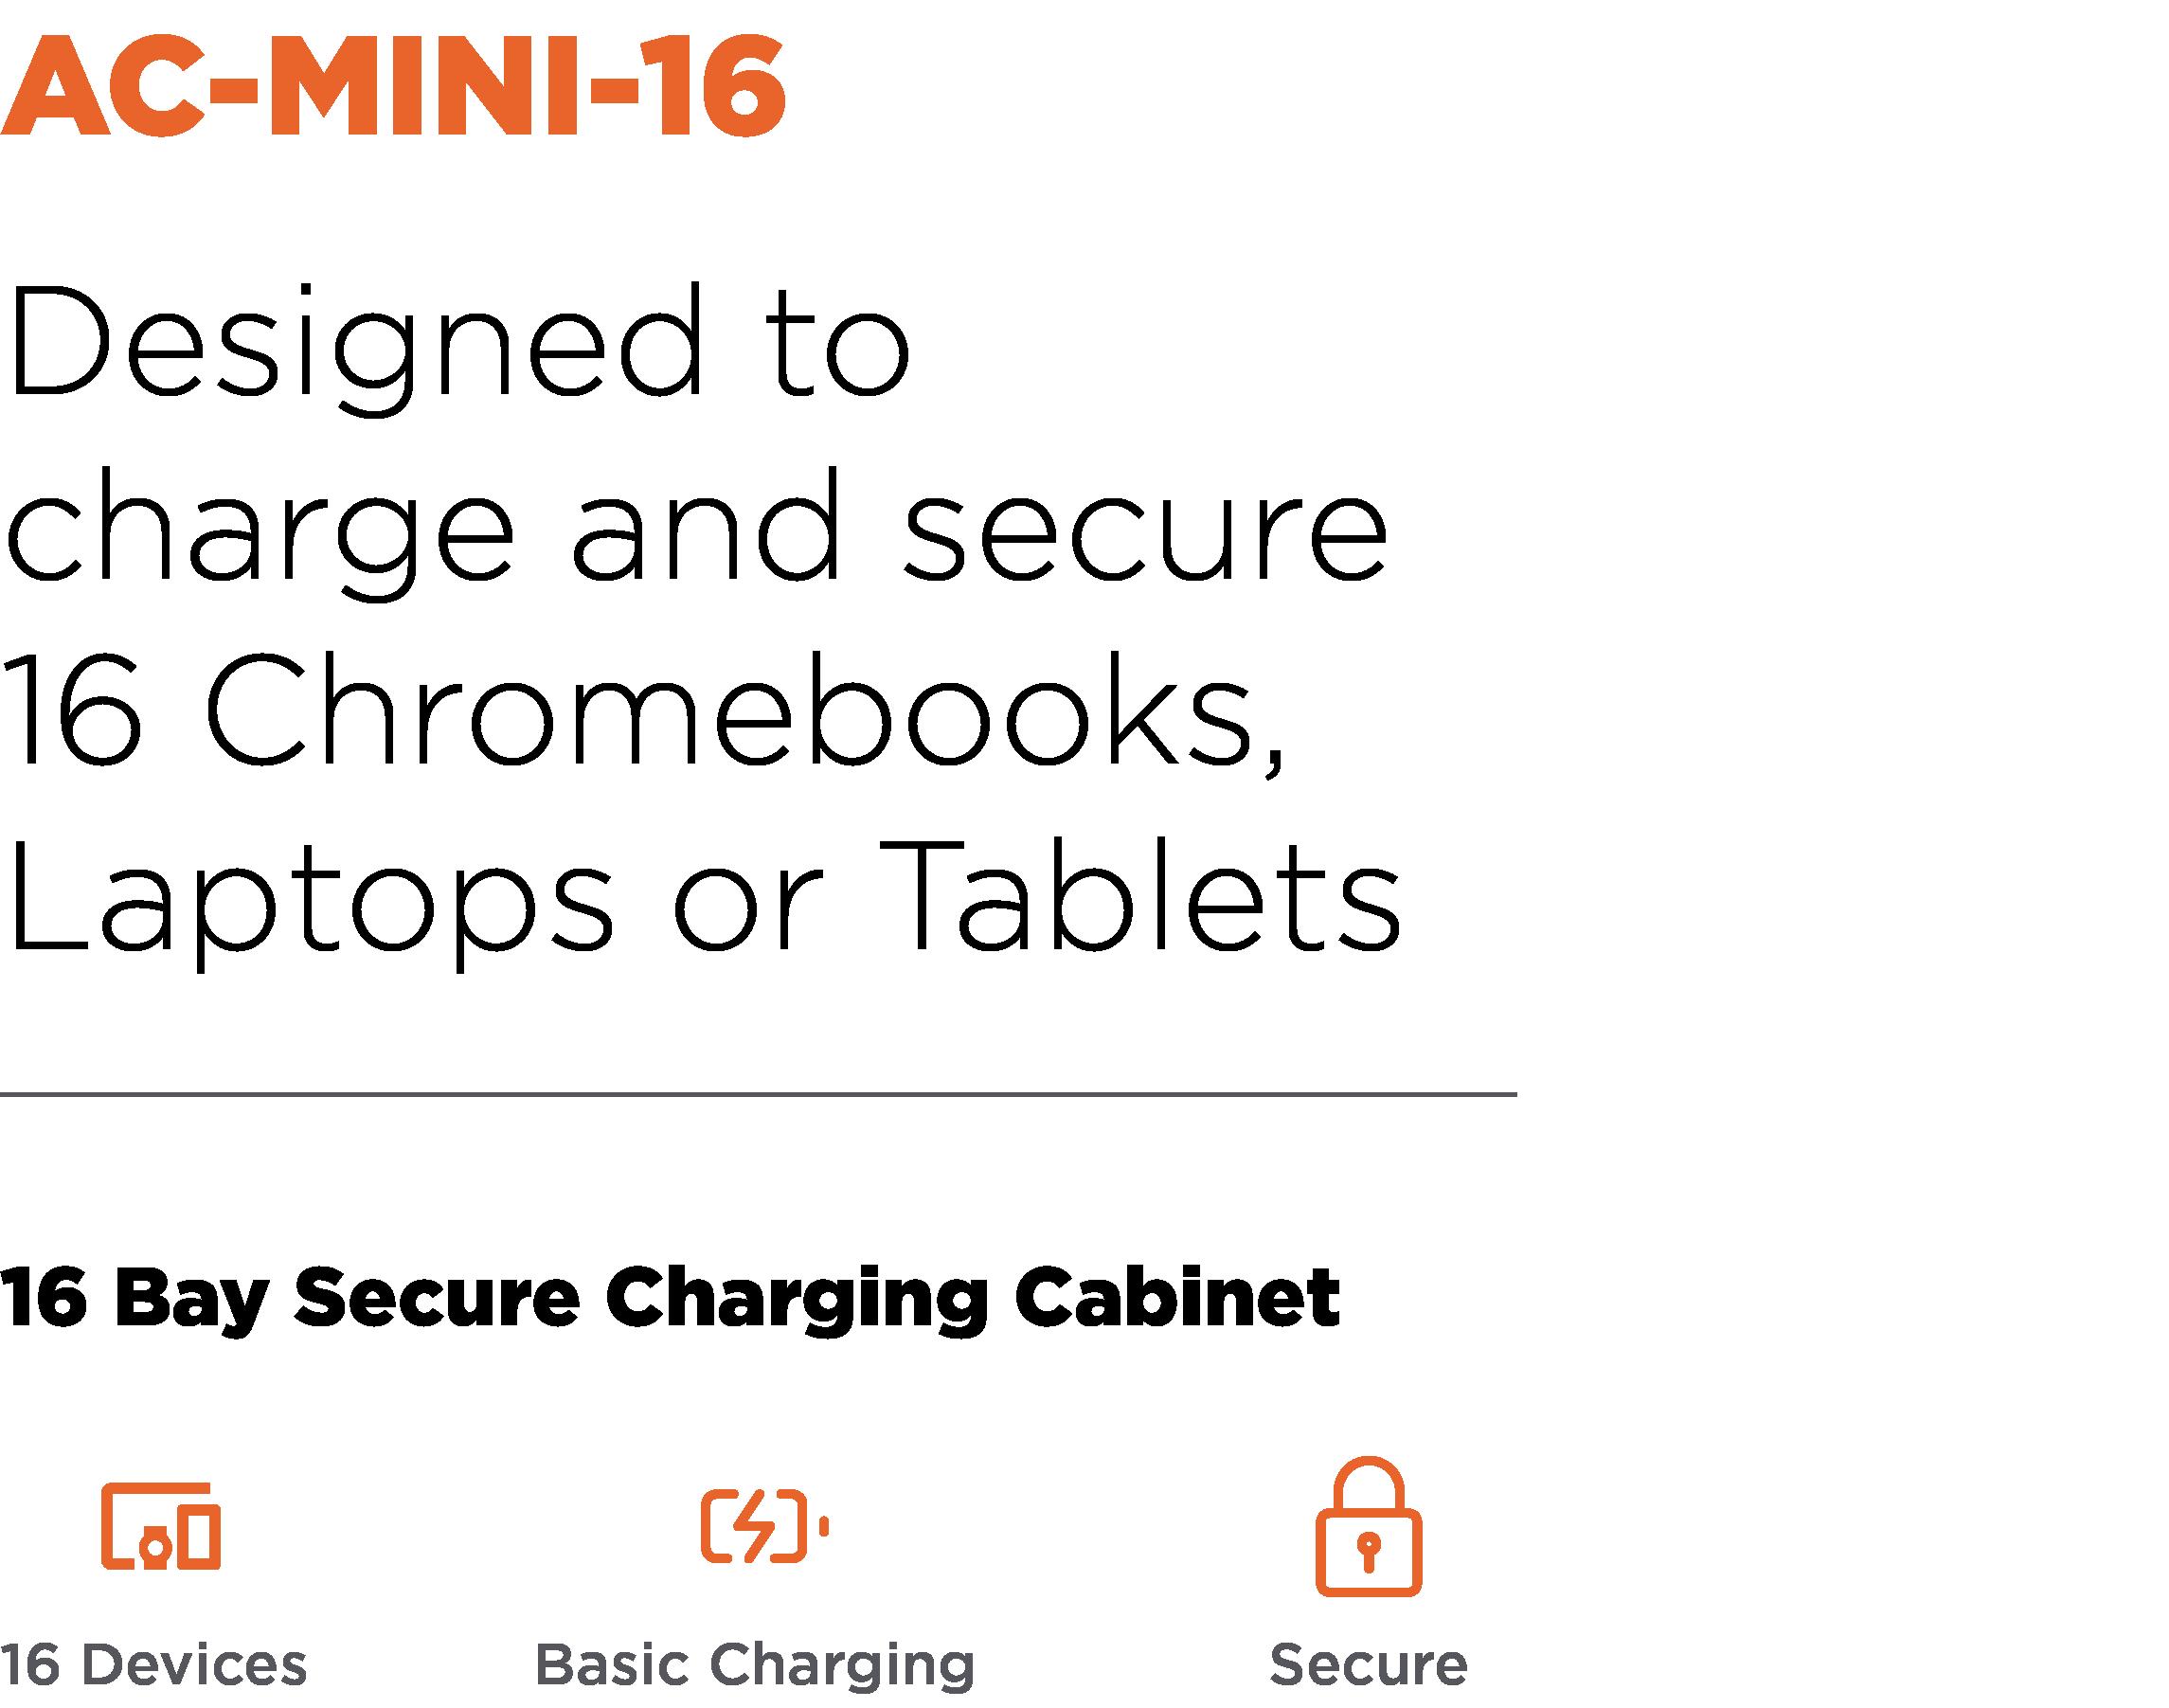 AC-MINI-16